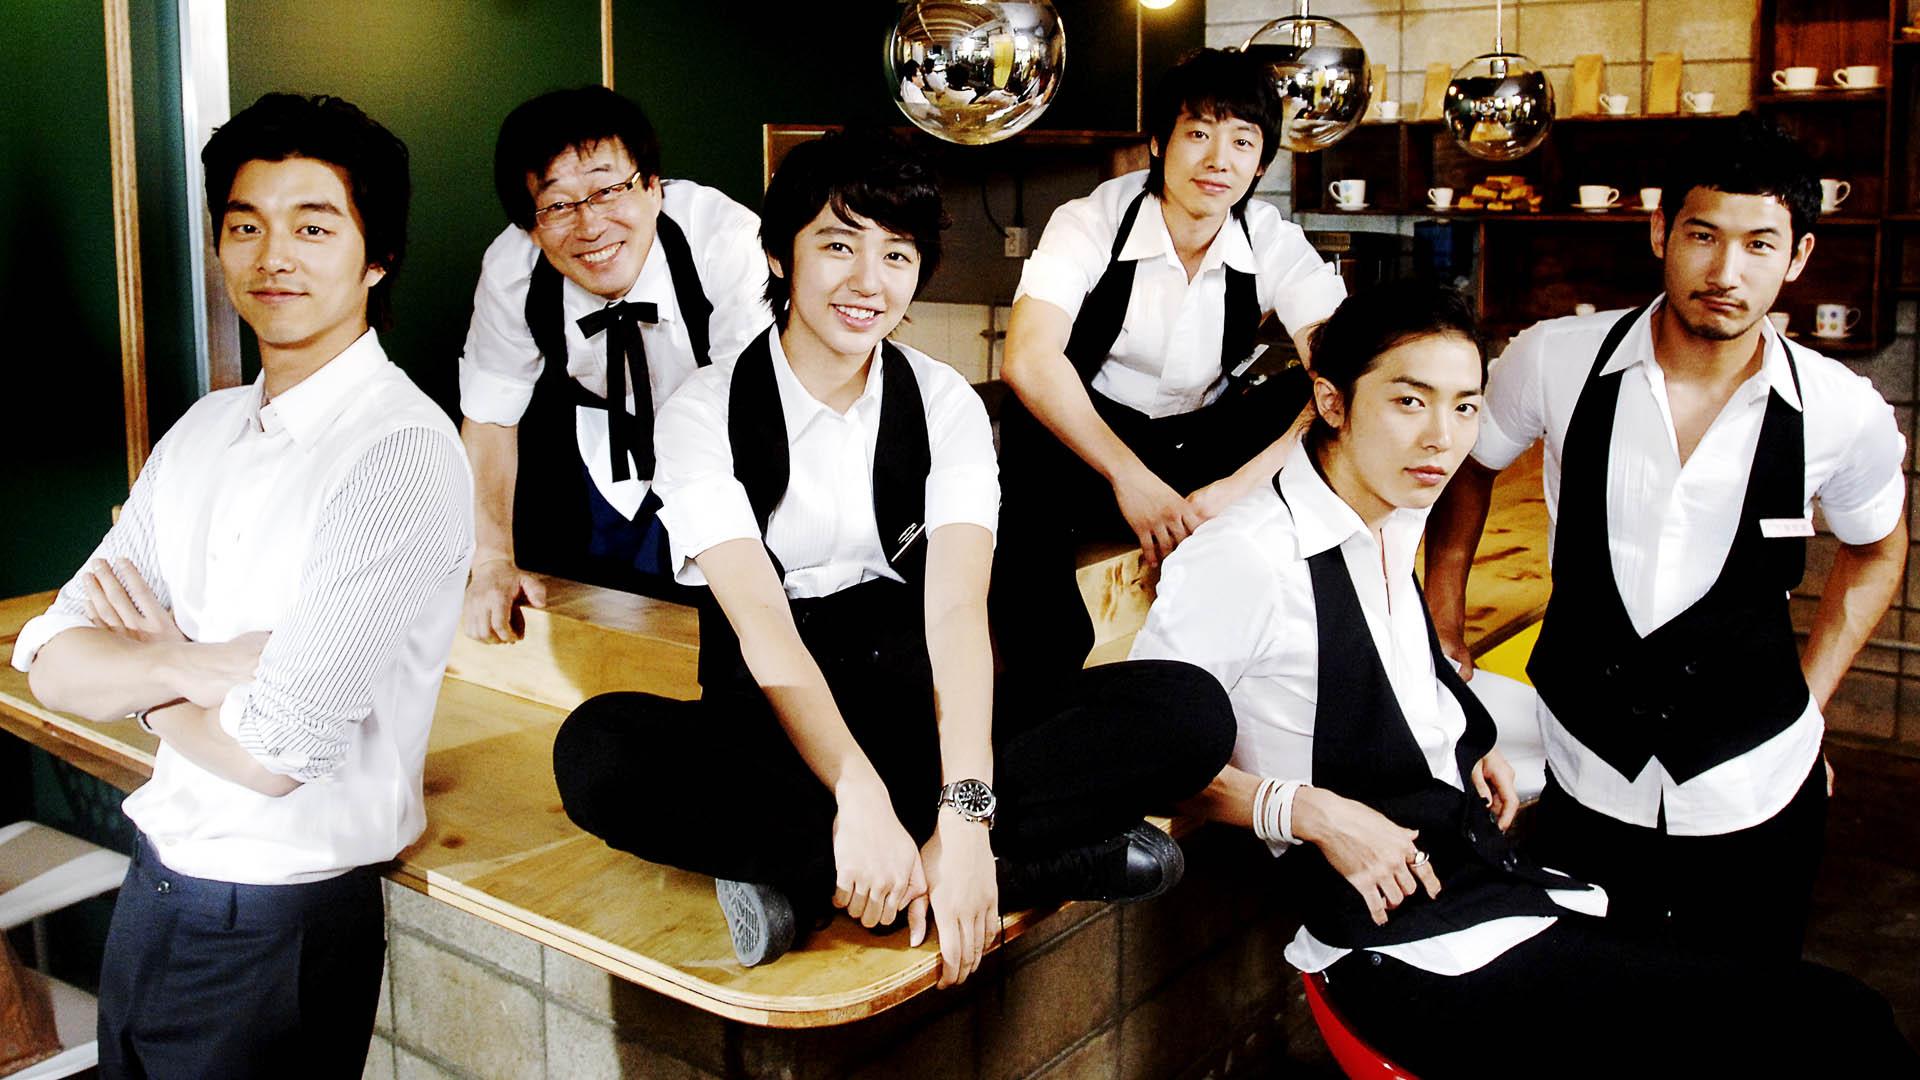 Tiệm cà phê hoàng tử đã củng cố vị trí ngôi sao đình đám của Yoon Eun Hye sau tác phẩm ăn khách Hoàng cung. Bên cạnh đó, đây cũng là tác phẩm bước ngoặt của Gong Yoo, đưa anh lên hàng diễn viên nổi tiếng.